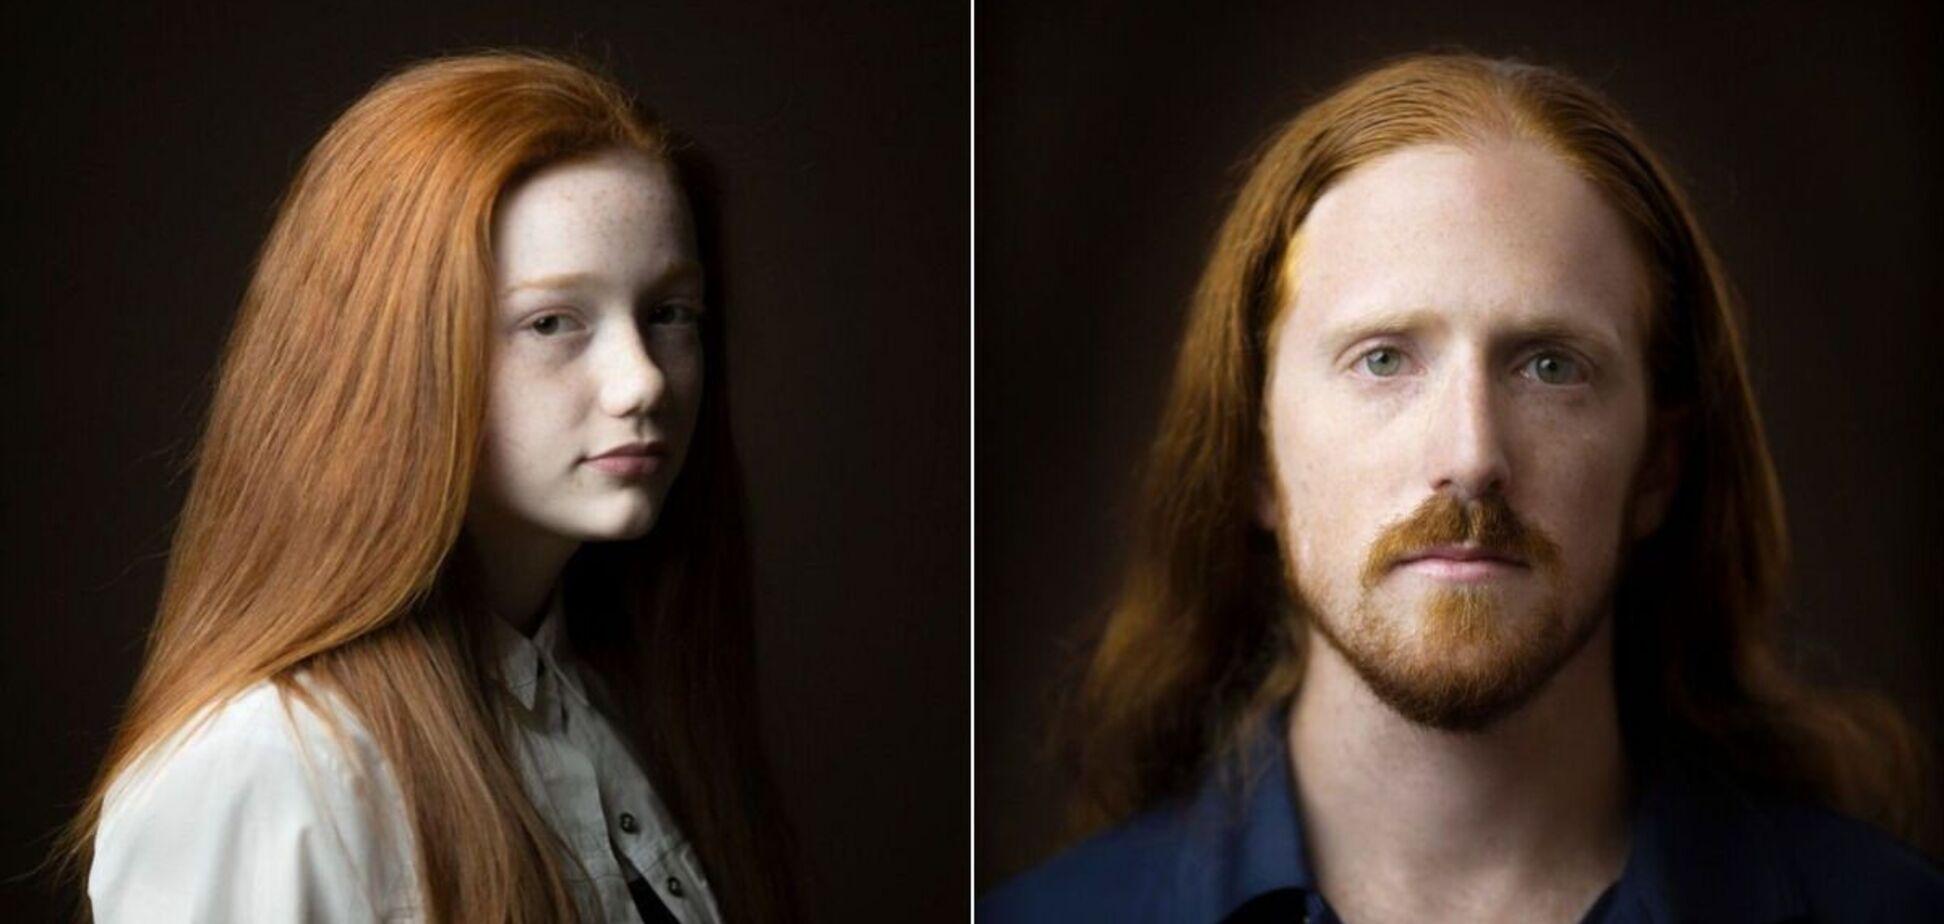 Киран Доддс показал снимки рыжеволосых людей, которые делал по всему миру